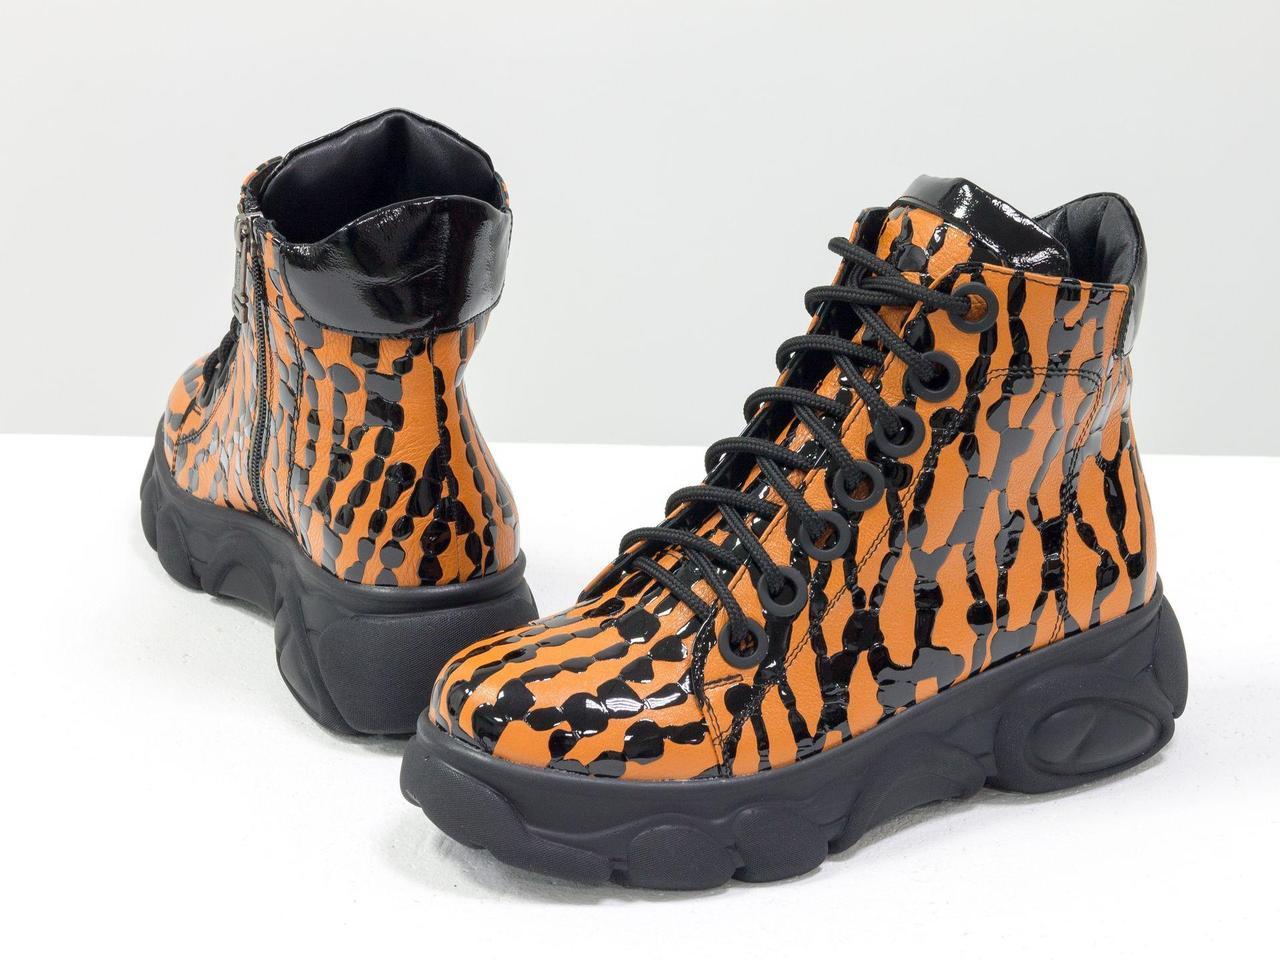 Яркие женские ботинки на шнуровке, из натуральной кожиоранжевого цвета с черными каплями лака